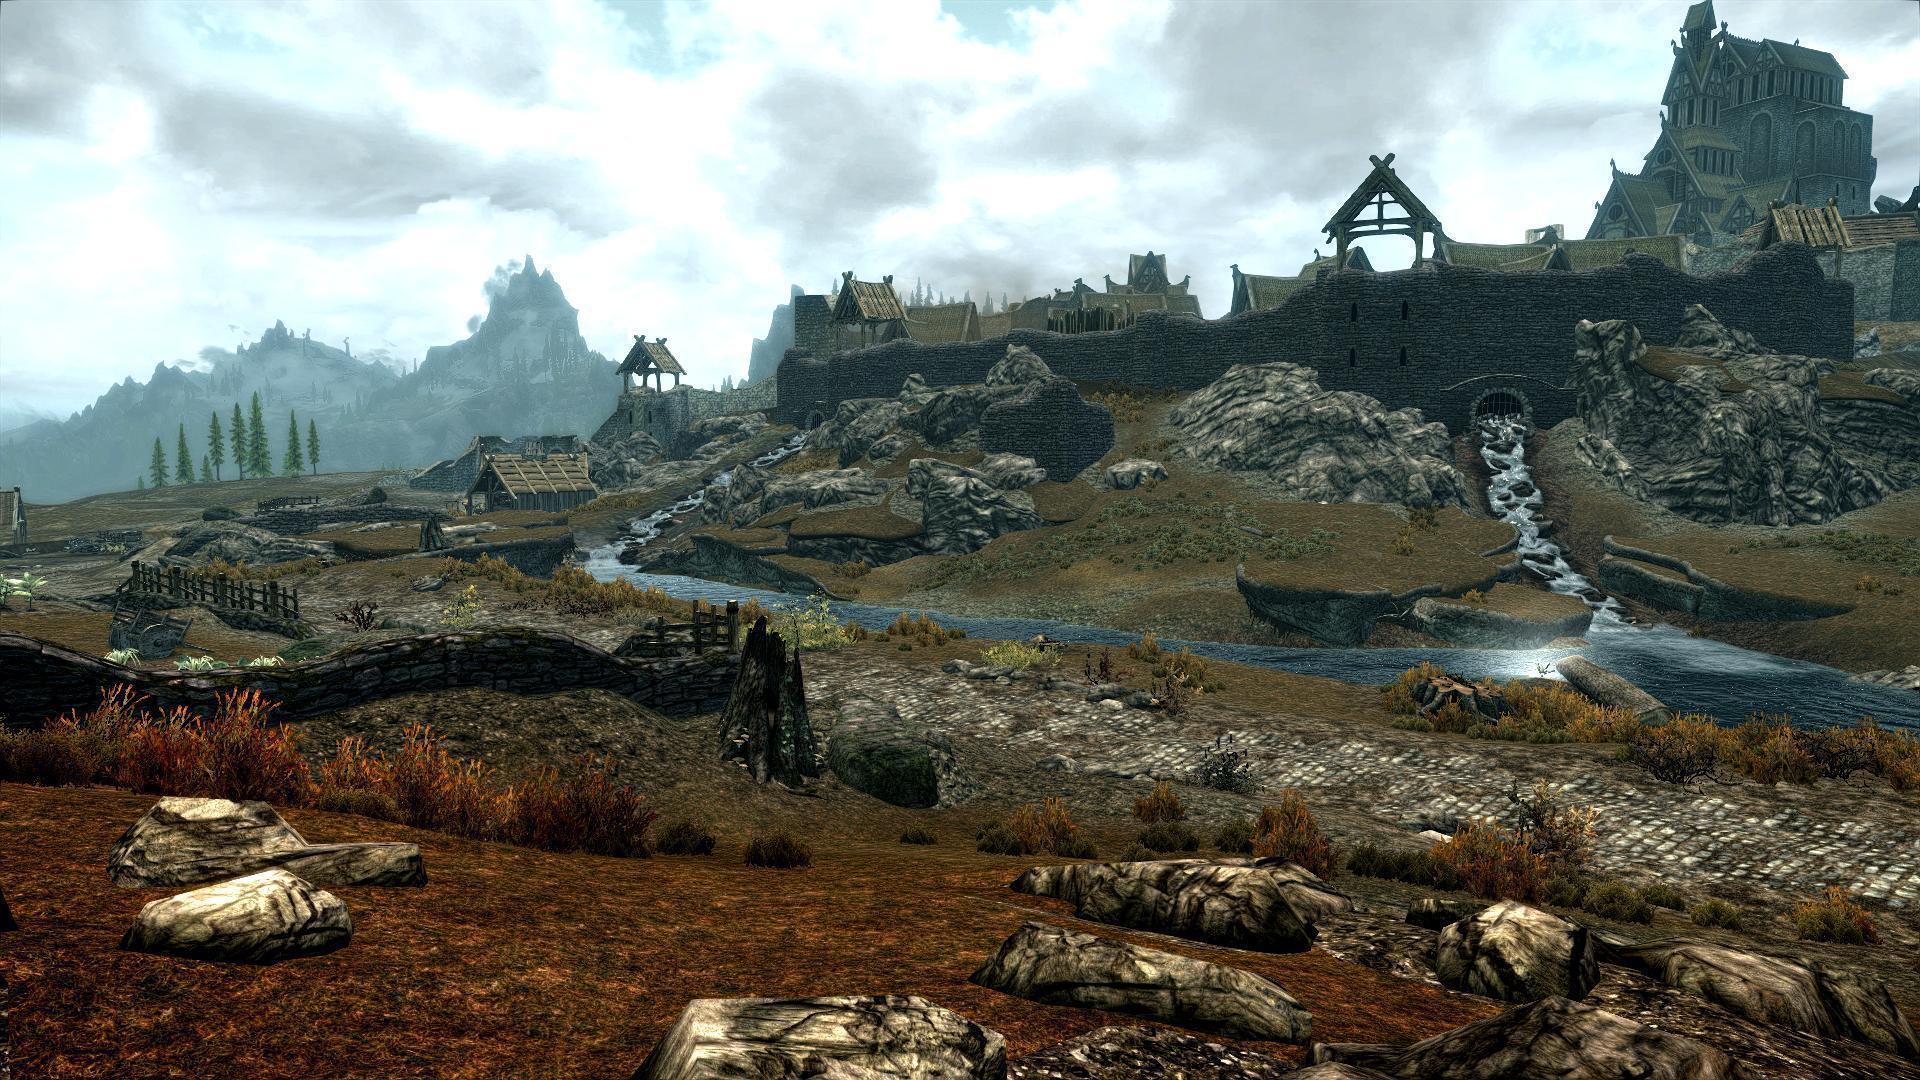 dragon landscape scenic wallpaper - photo #9